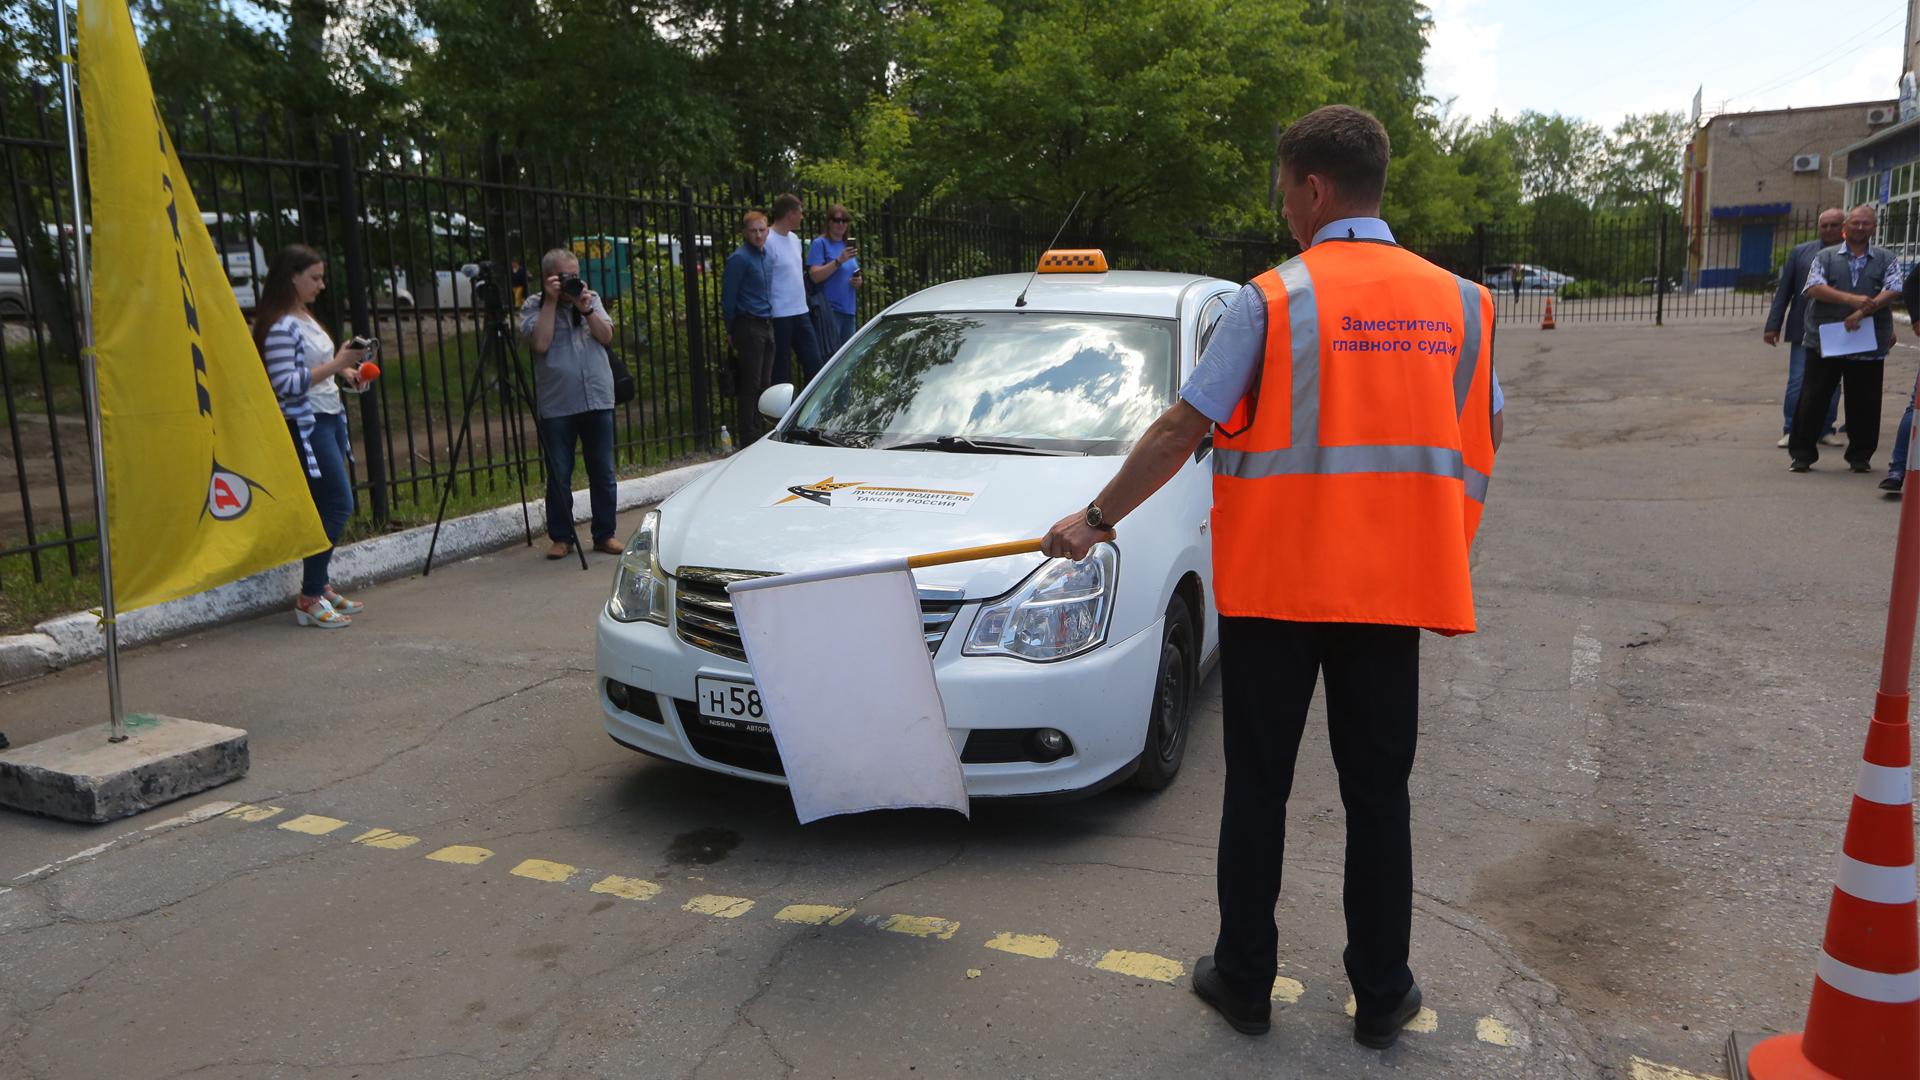 В Хабаровске выбрали лучшего водителя такси. Репортаж телеканала «Губерния»